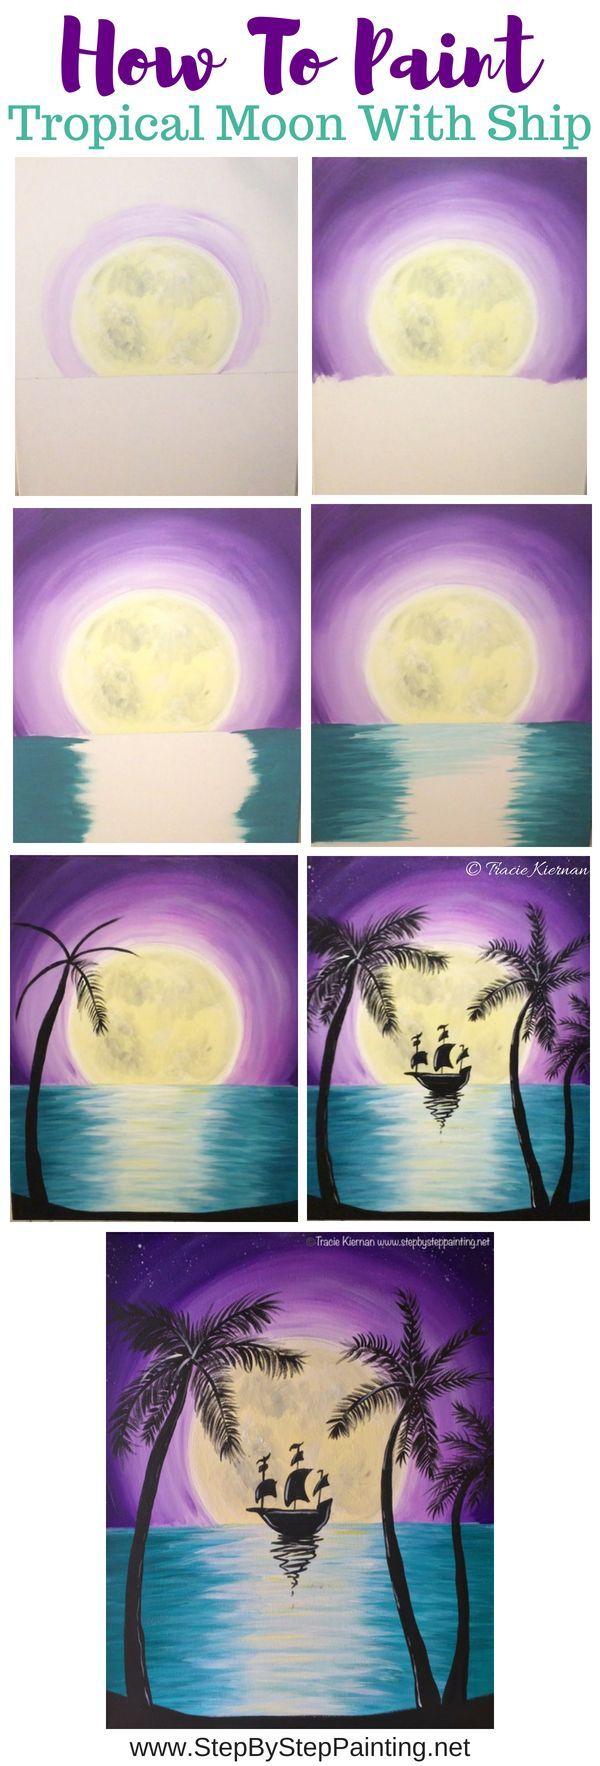 Wie man tropischen Mond-Aufstieg mit Schiff malt - Schritt ...